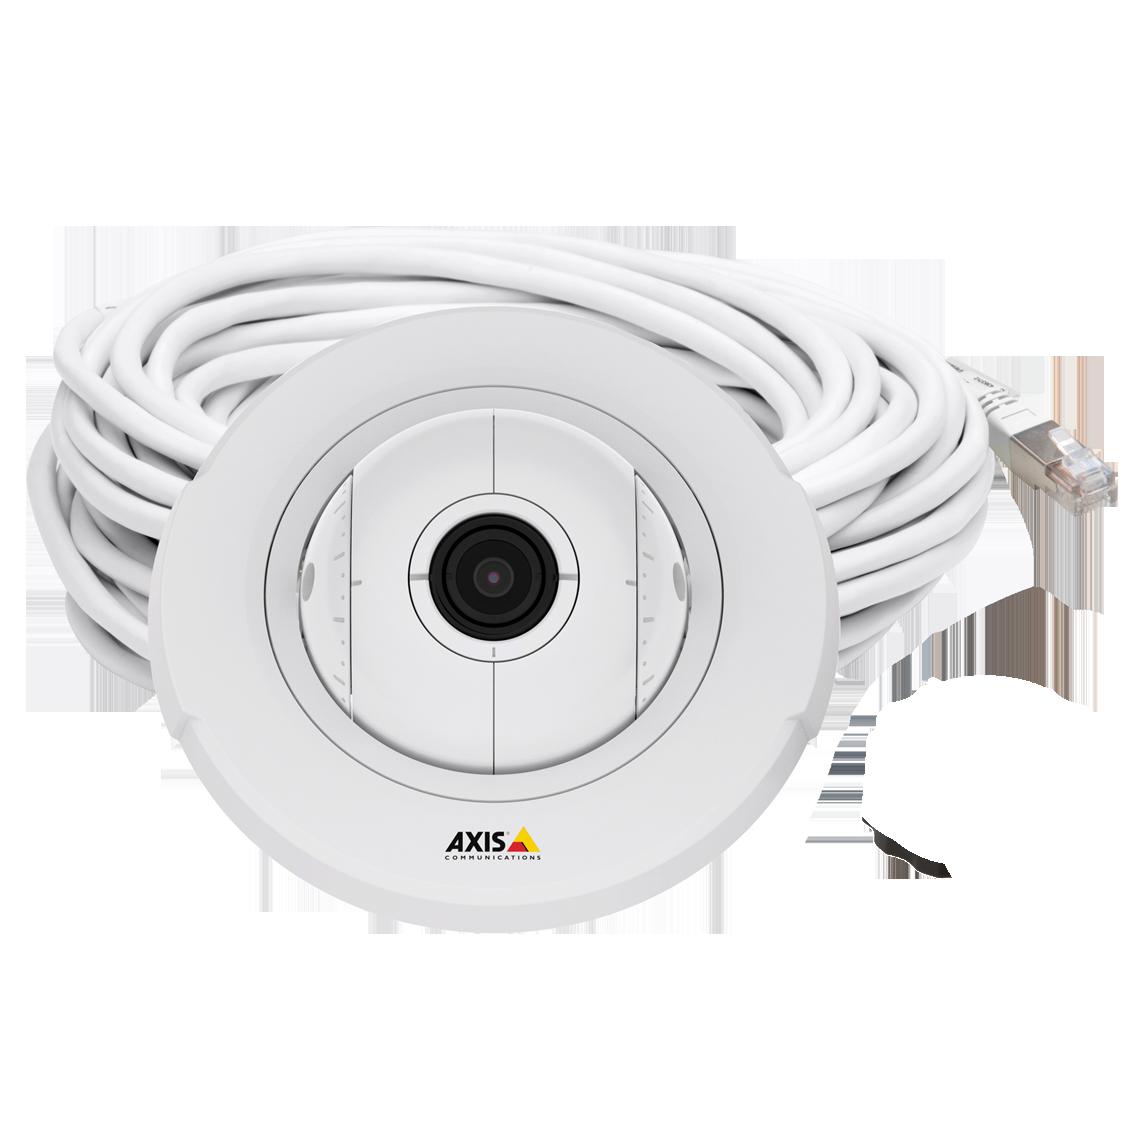 axis-f4005-dome-sensor